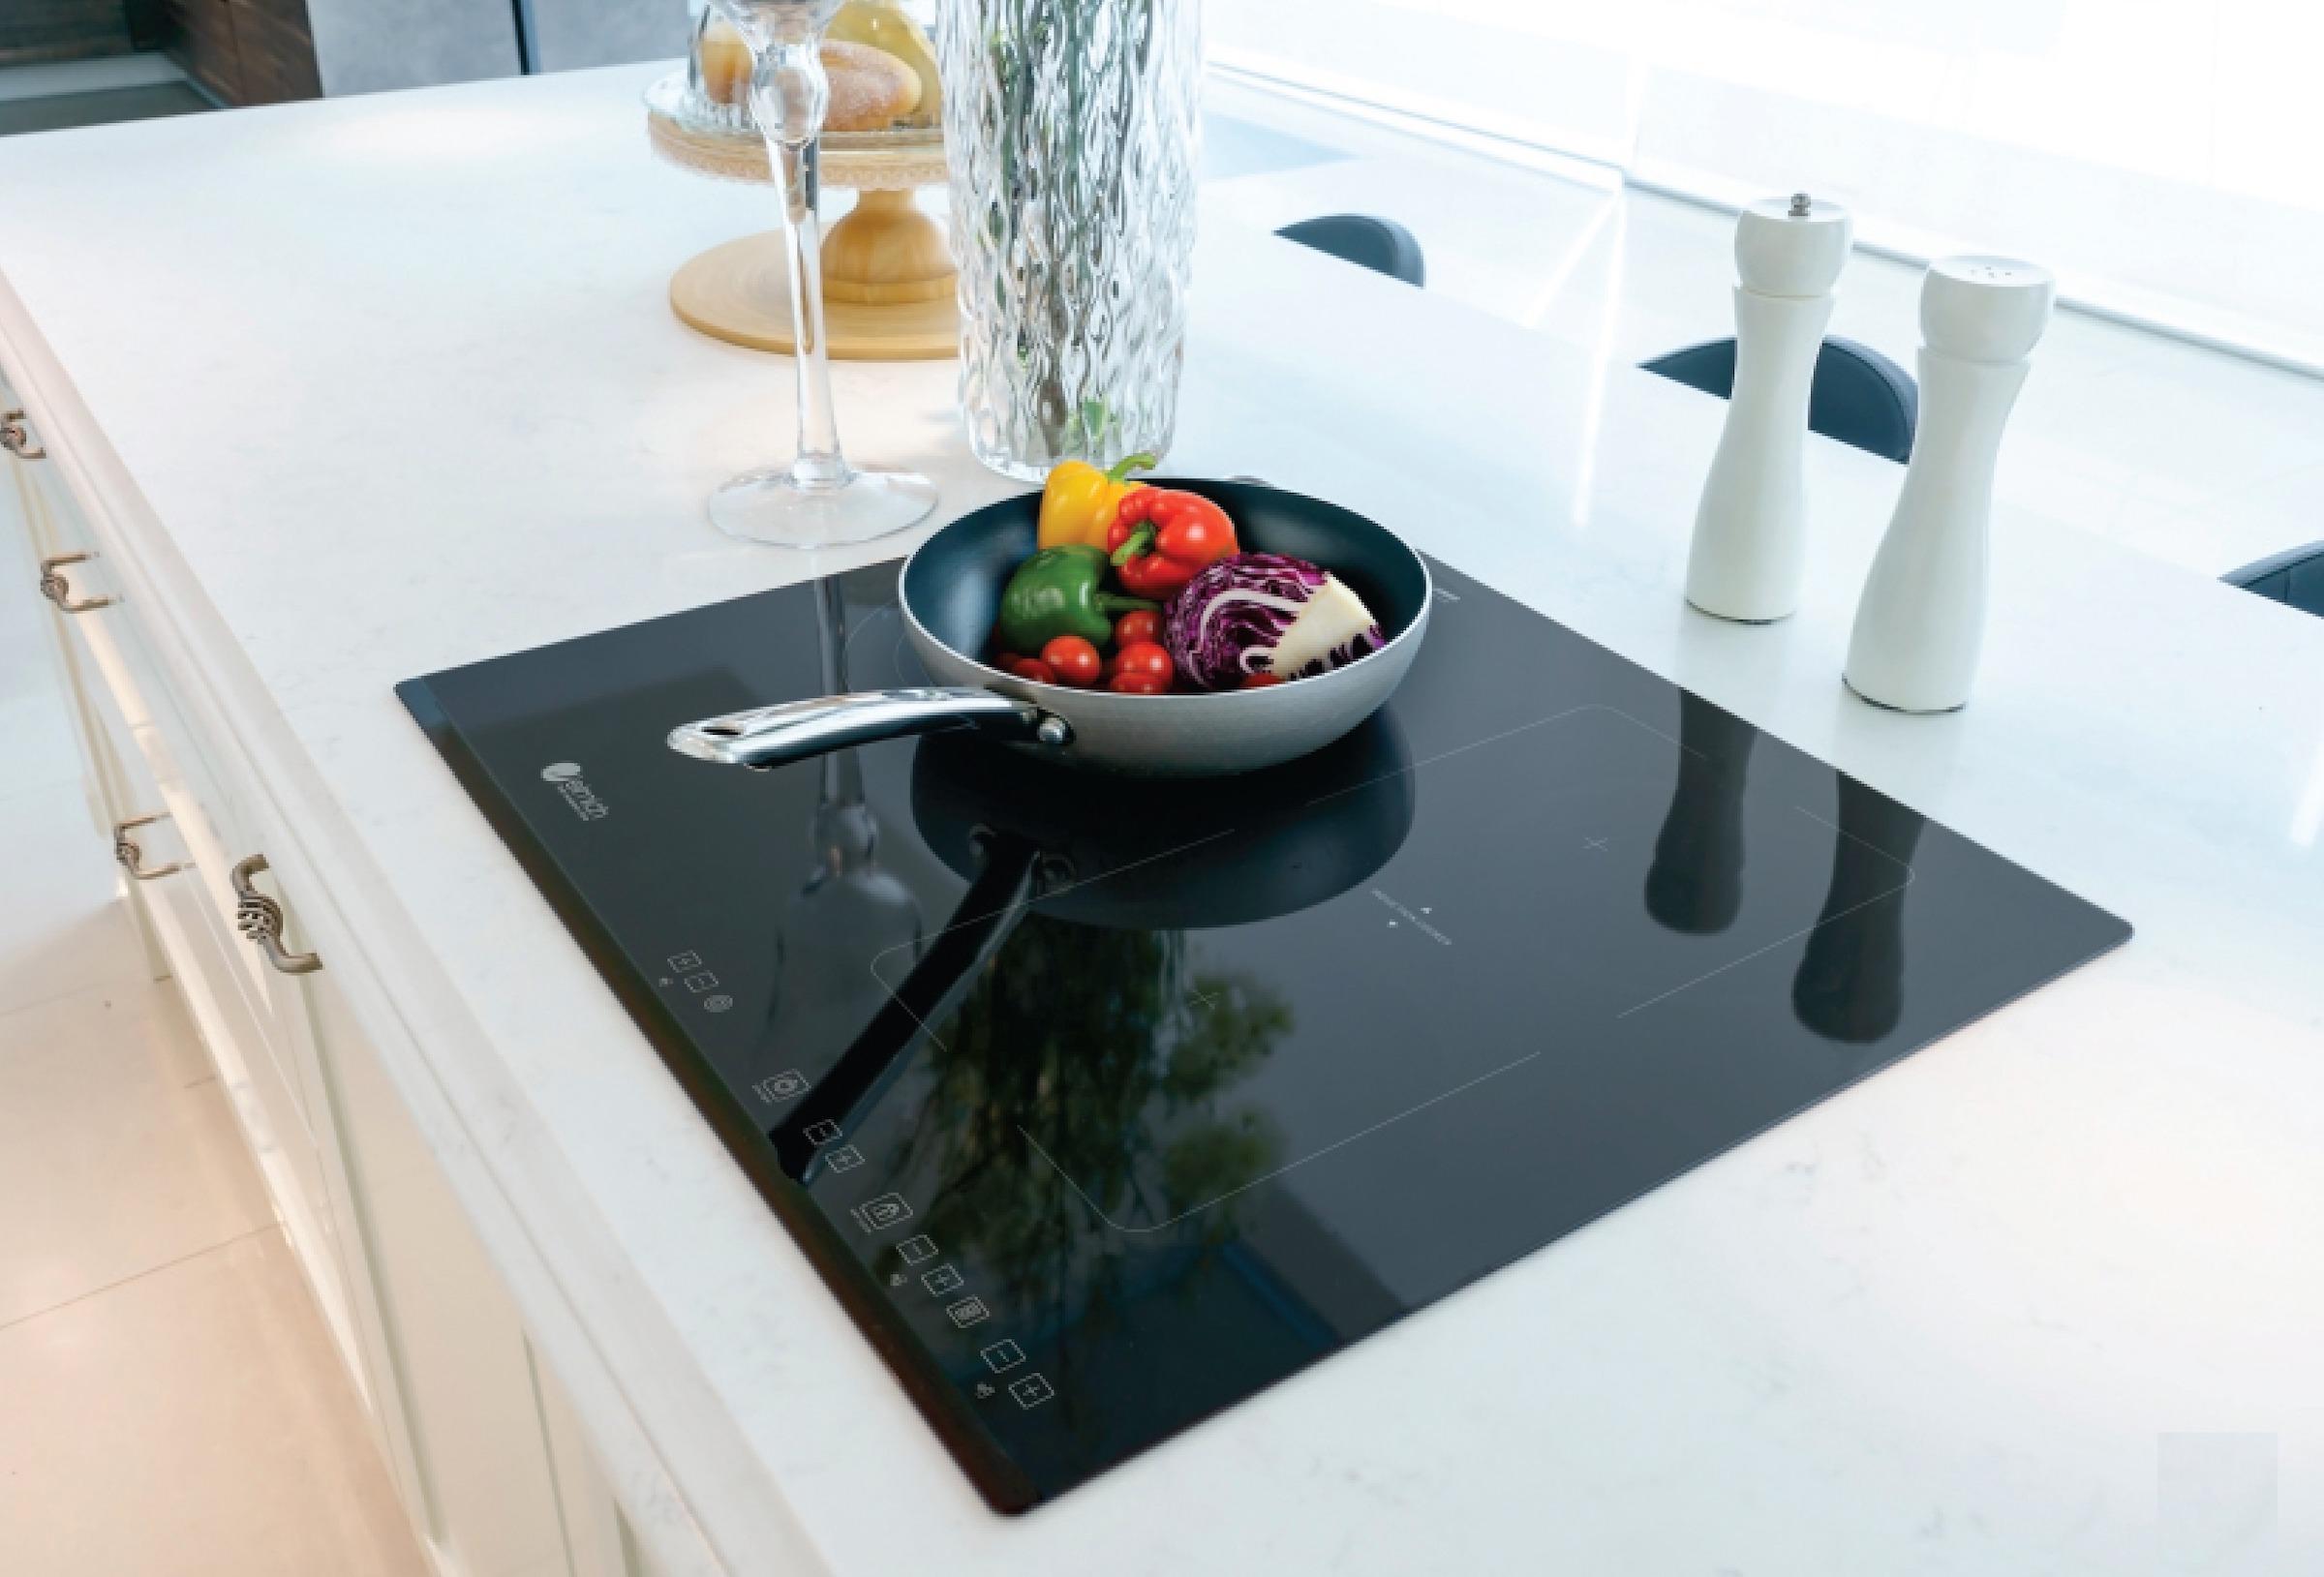 Bếp ba hỗn hợp Elmich ICE-3494 thiết kế âm bàn giúp gian bếp thêm đẹp mắt. Mặt bếp sử dụng mặt kính Schott-ceran của Đức. Cảm biến hồng ngoại giúp thao tác điều khiển dễ dàng, chính xác hơn. Chức năng hẹn giờ, khóa phím trẻ em tiện ích. Bếp có thể tự nhận diện nồi giúp tiết kiệt năng lượng và thời gian nấu nướng.  Cảnh báo dư nhiệt giúp đảm bảo độ bền cho bếp và dụng cụ nấu với khoảng nhiệt an toàn khi sử dụng. Mặt bếp hồng ngoại ba vùng nấu với nhiều kích thước nồi khác nhau. Sản phẩm có giá giảm 49% còn 8,88 triệu đồng (giá gốc đến 17,5 triệu đồng).